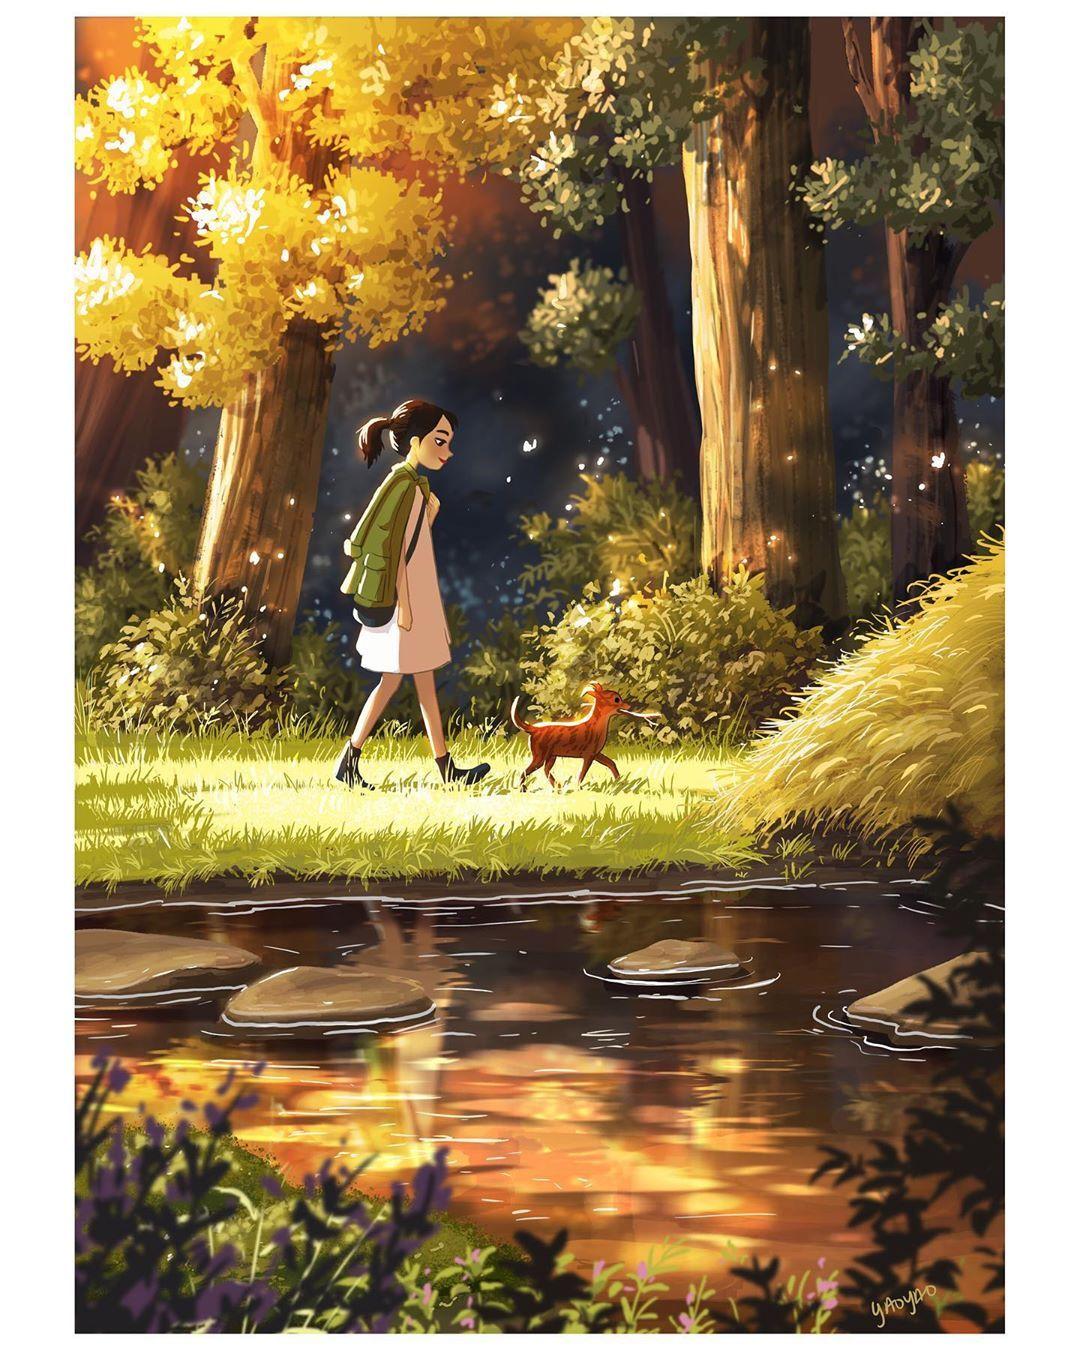 You Make Everything Magical Illustration Iloveparker Producción Artística Arte Impresionista Arte De Sueños